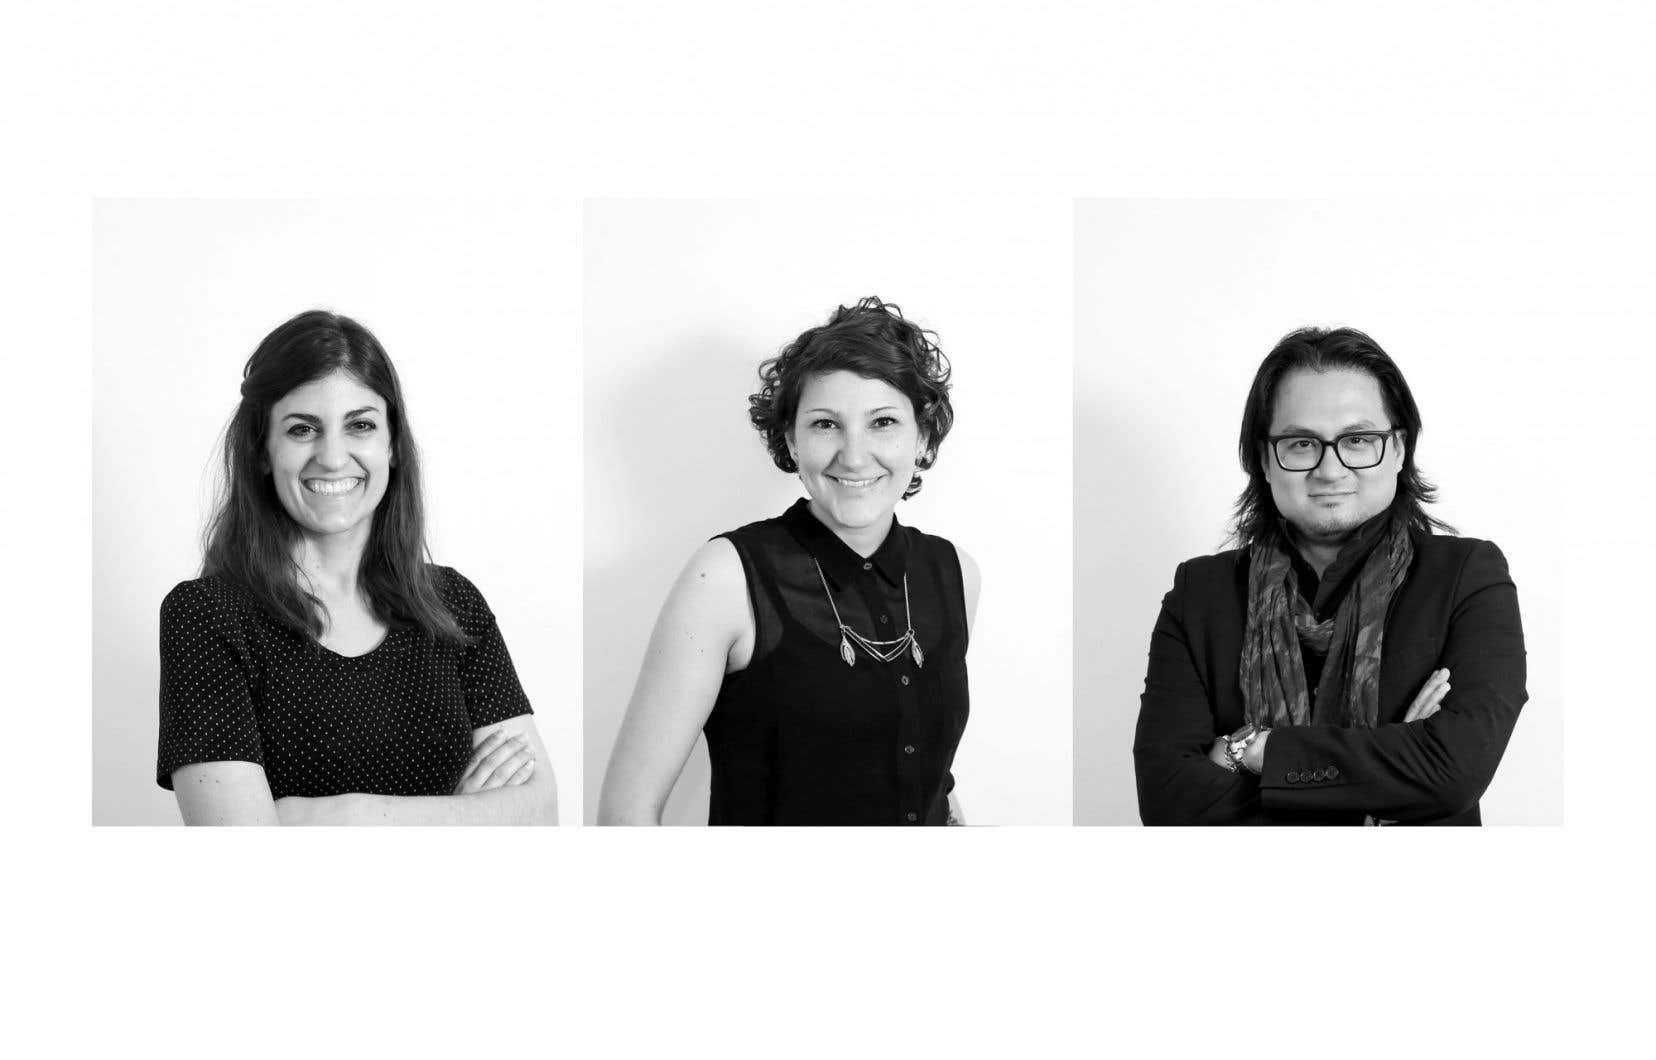 L'équipe de Fibres collectives: Myriam Benoit, Andréanne Courchesne et Duc C. Nguyên